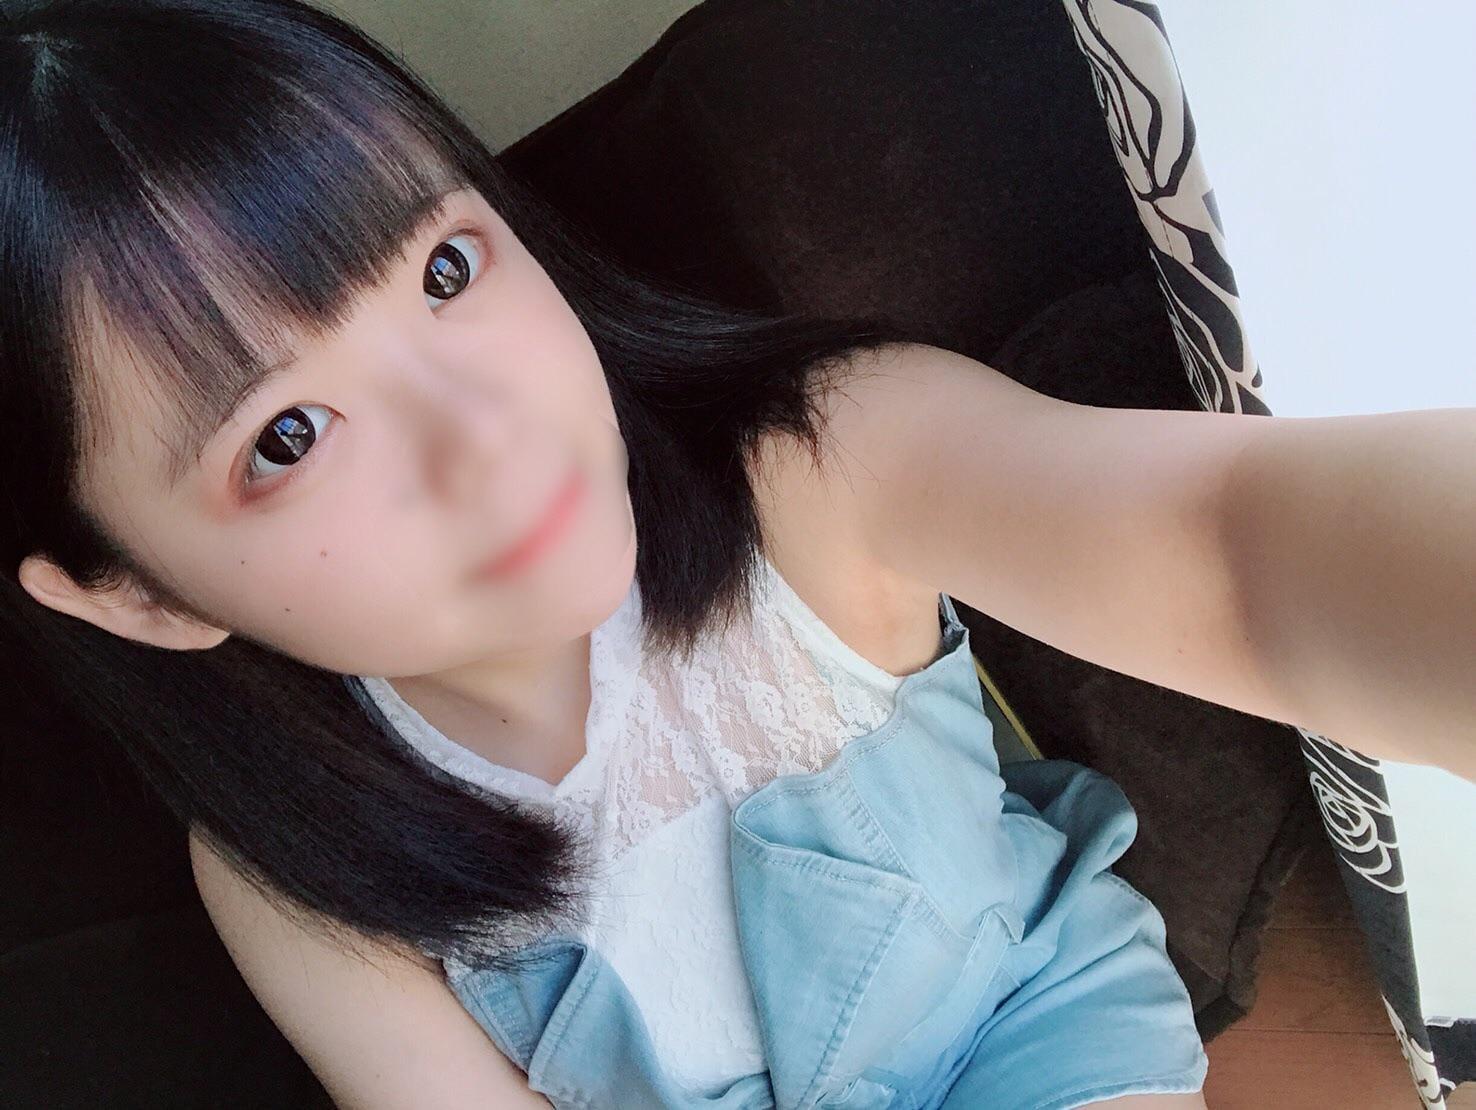 香坂 みおり「お礼?」08/17(金) 22:36   香坂 みおりの写メ・風俗動画